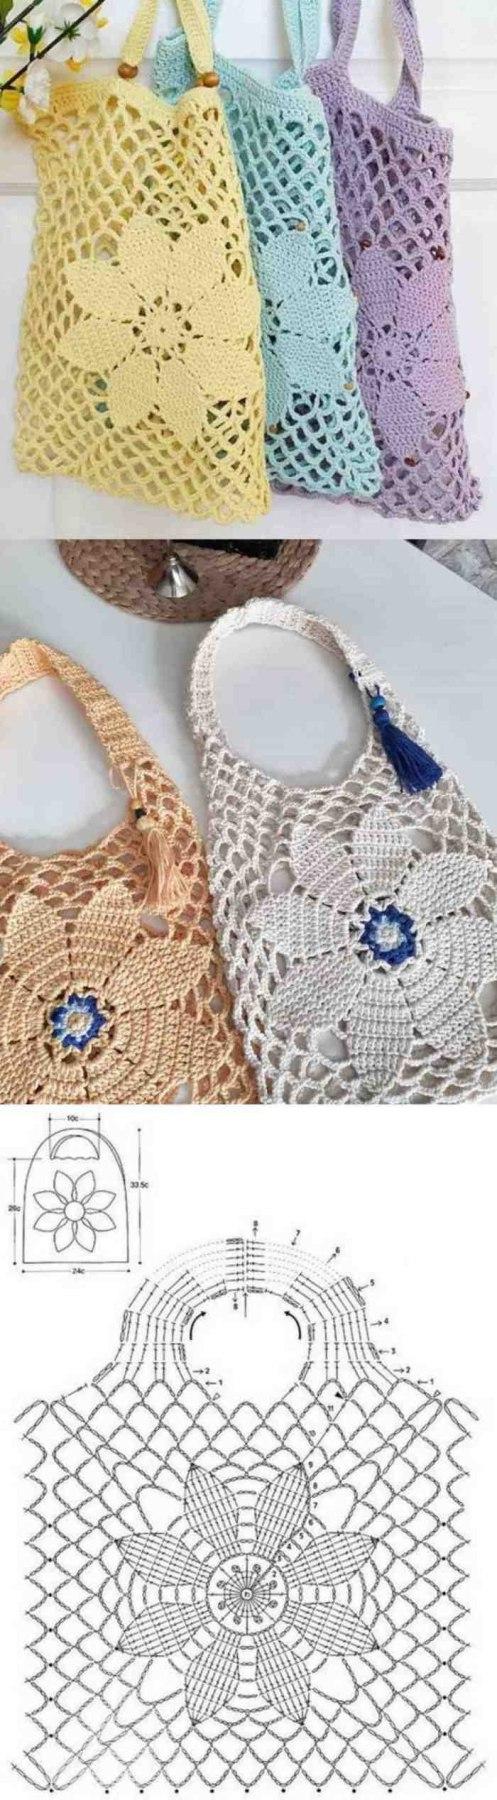 21 ideias de bolsas de crochê para se inspirar